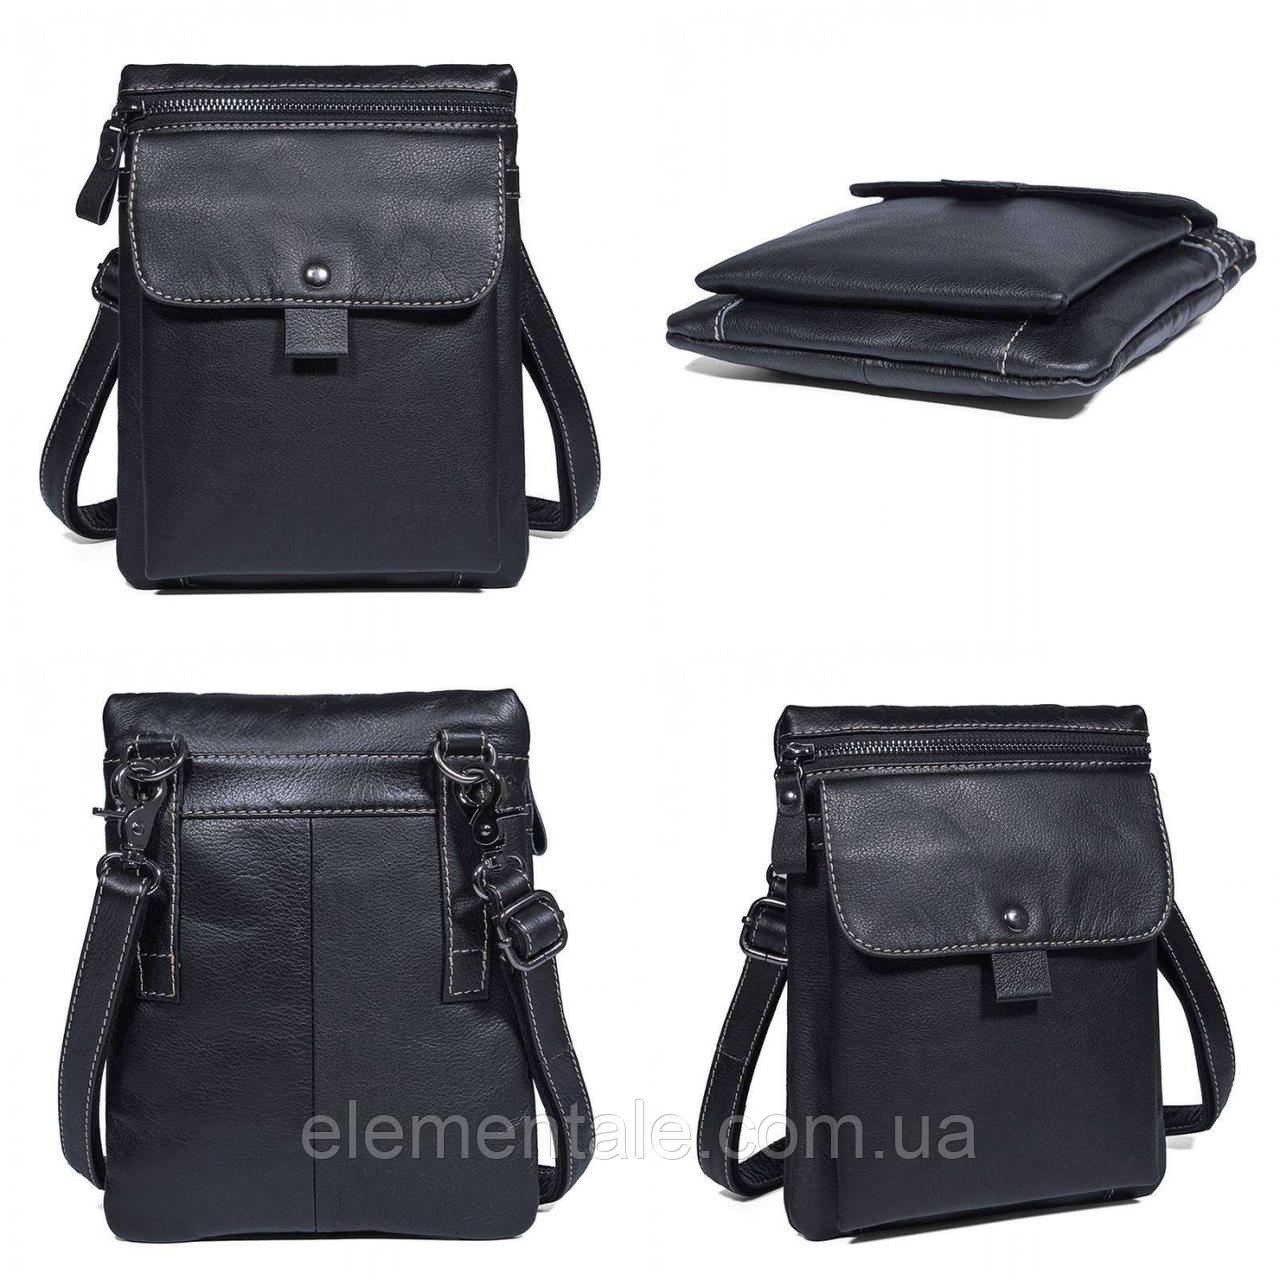 Мужская сумка через плечо GMD Черный